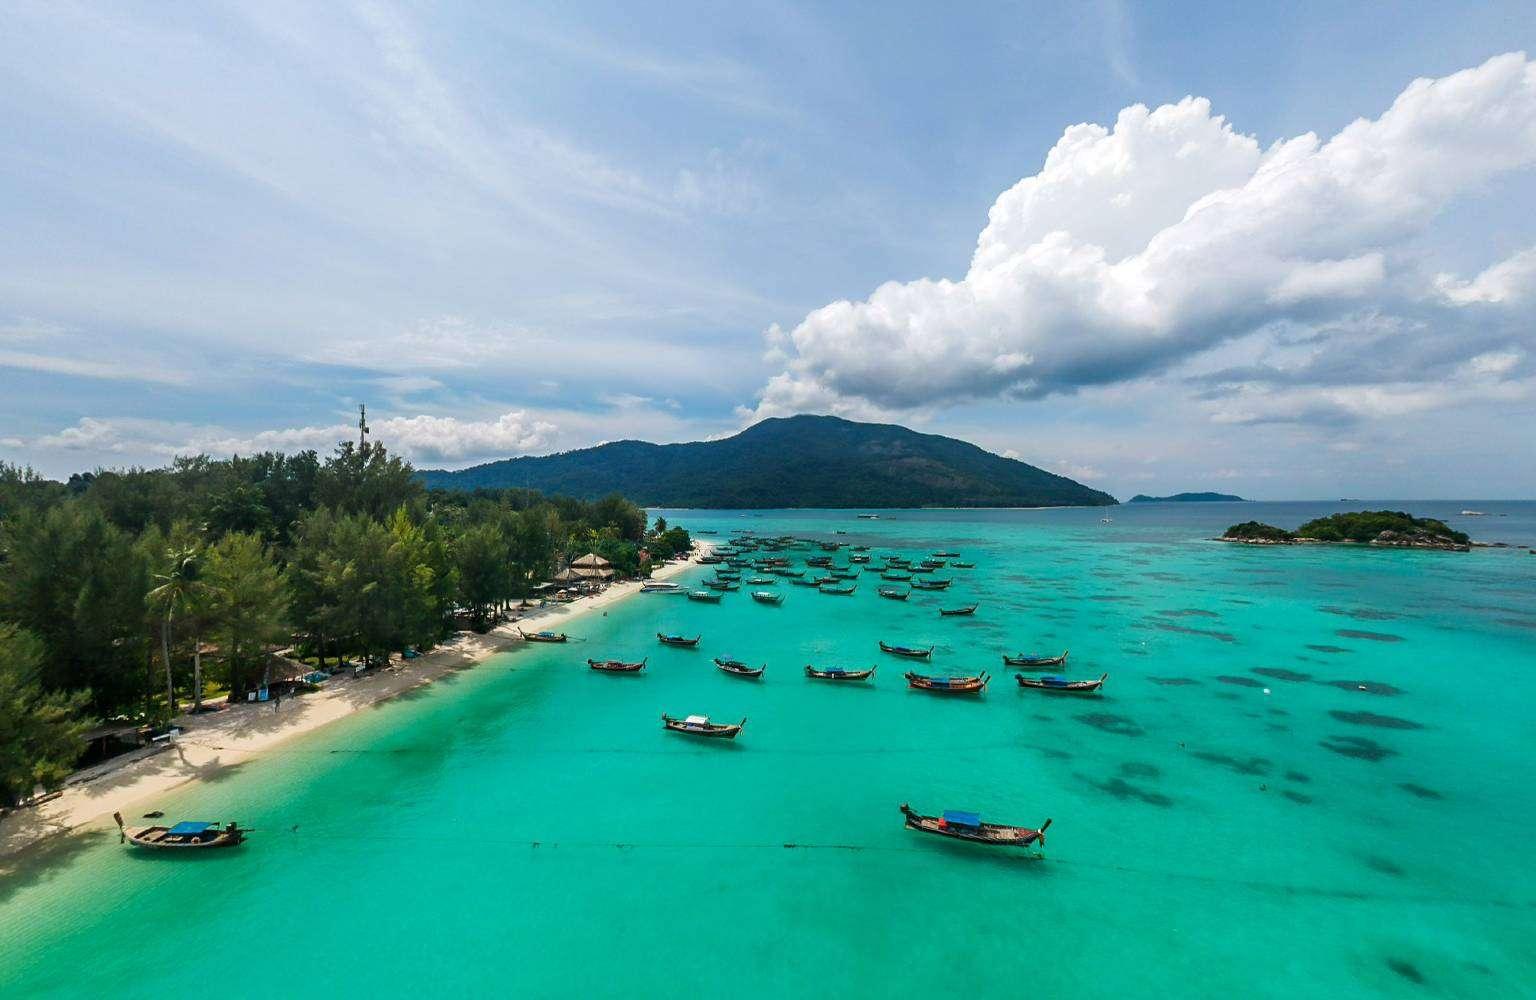 De kust van Koh Lipe met prachtig blauwgroen water en vele longtailbootjes